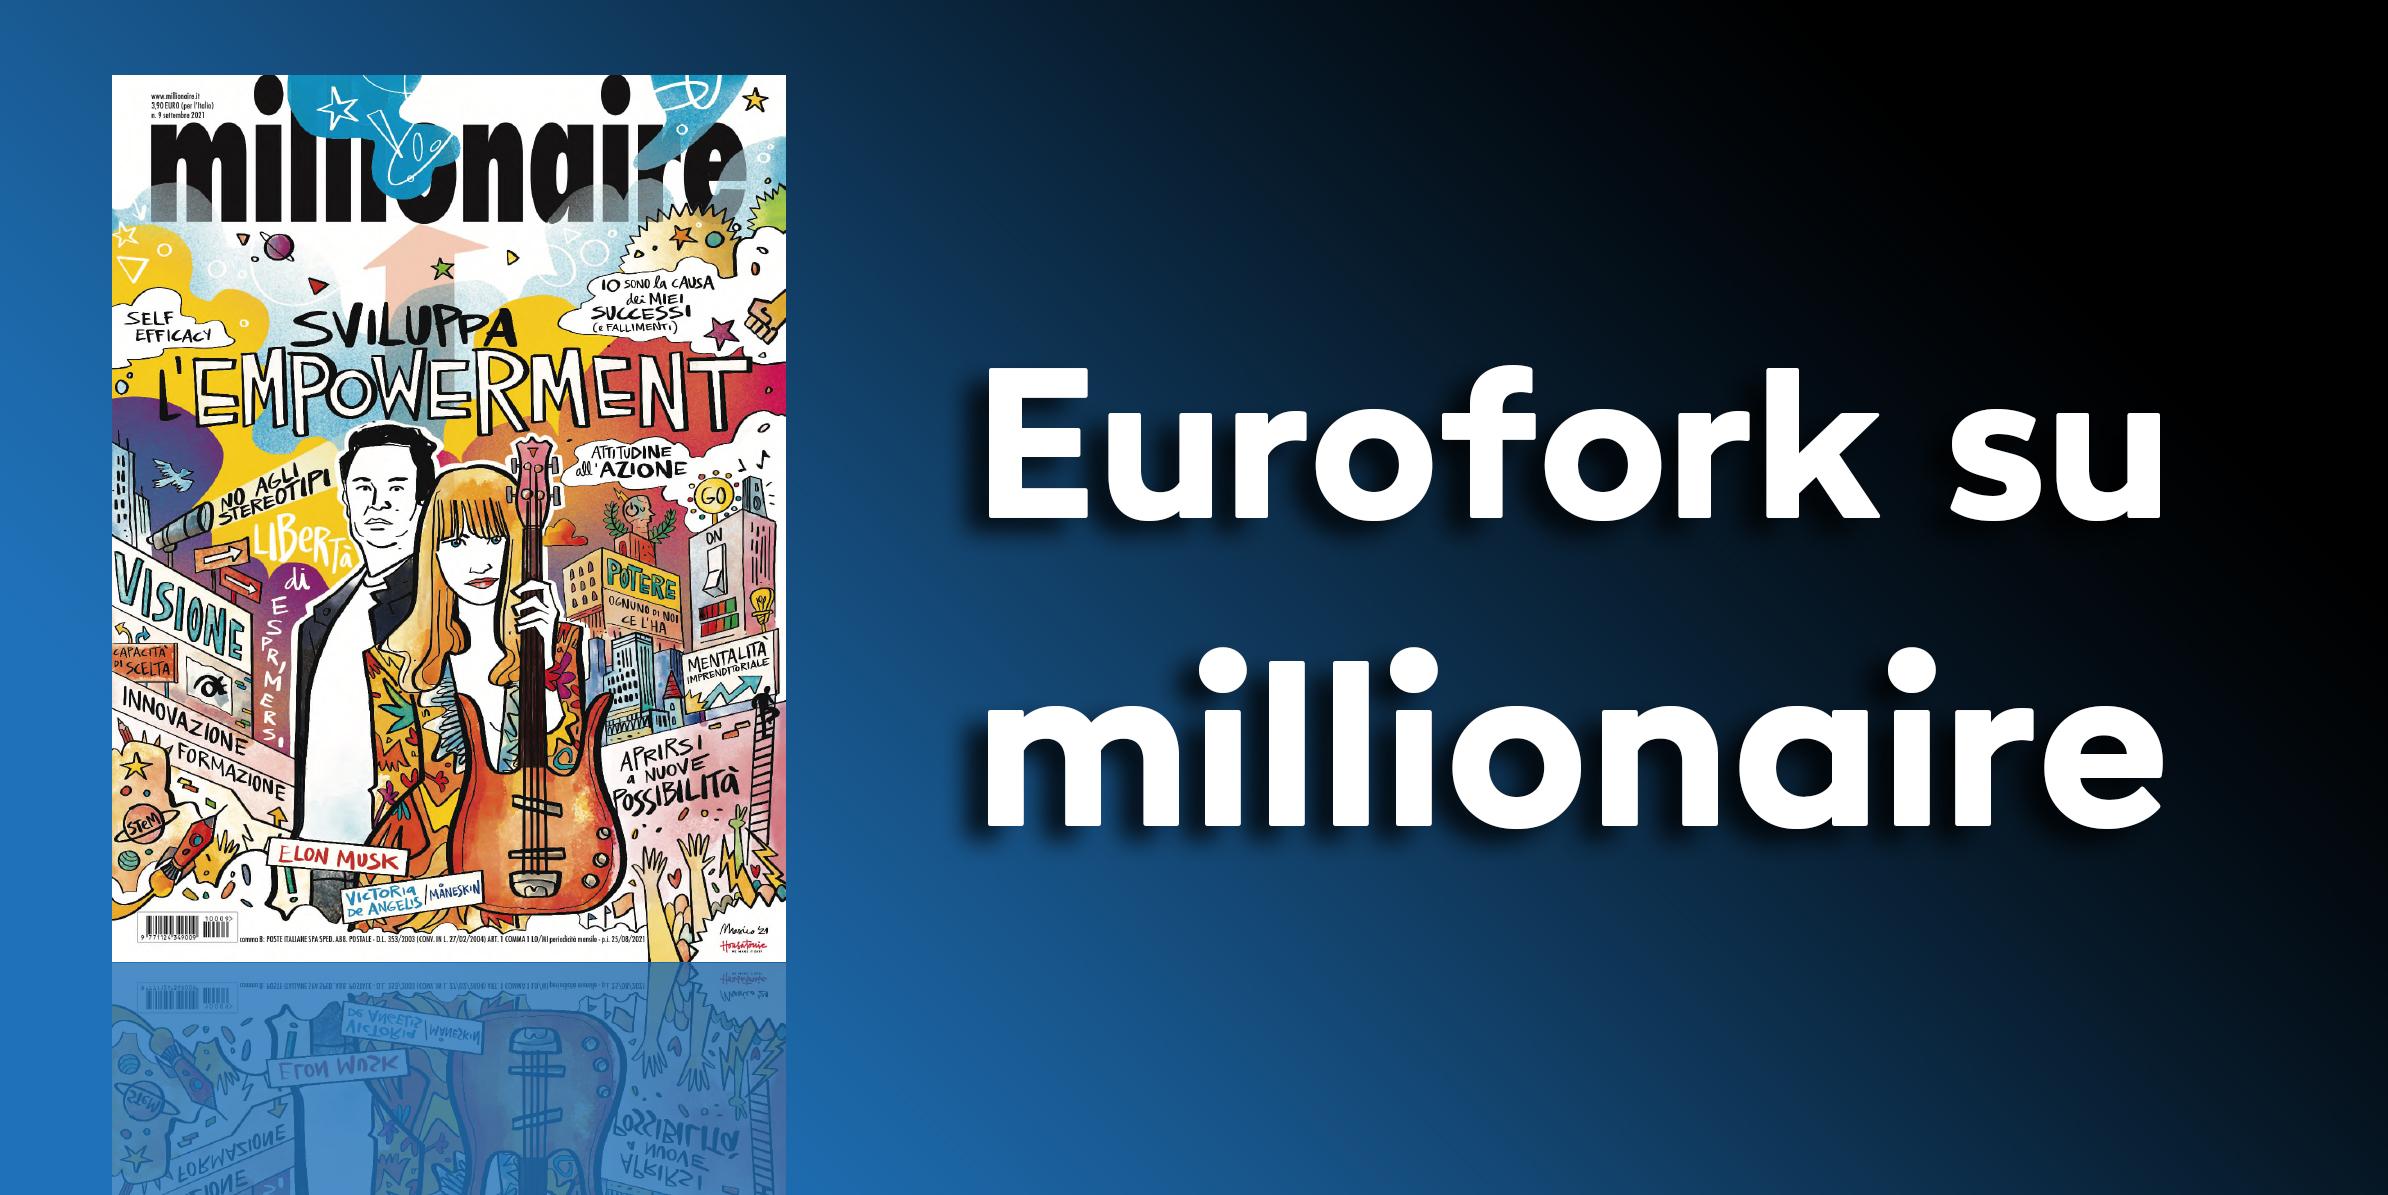 Eurofork su millionaire